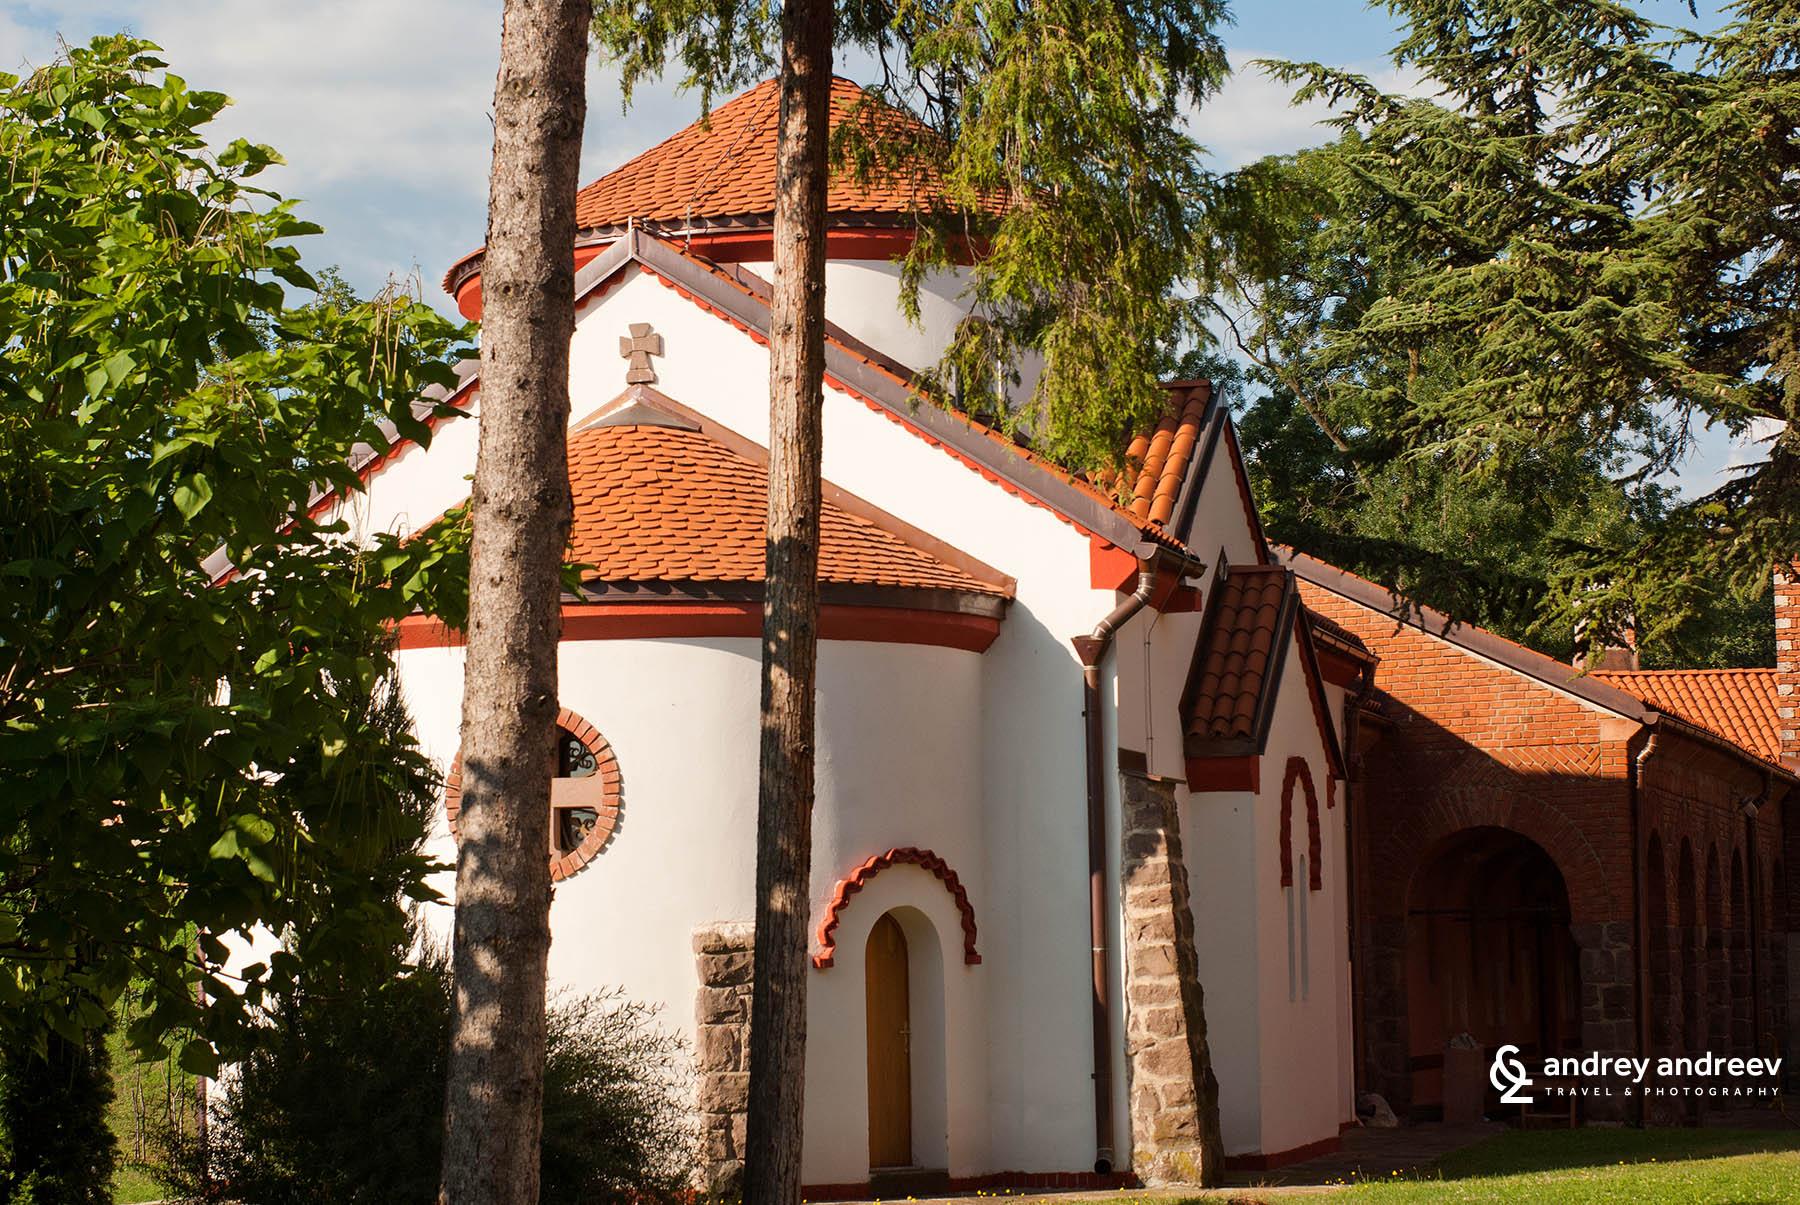 Манастир Жича / Žiča Monastery